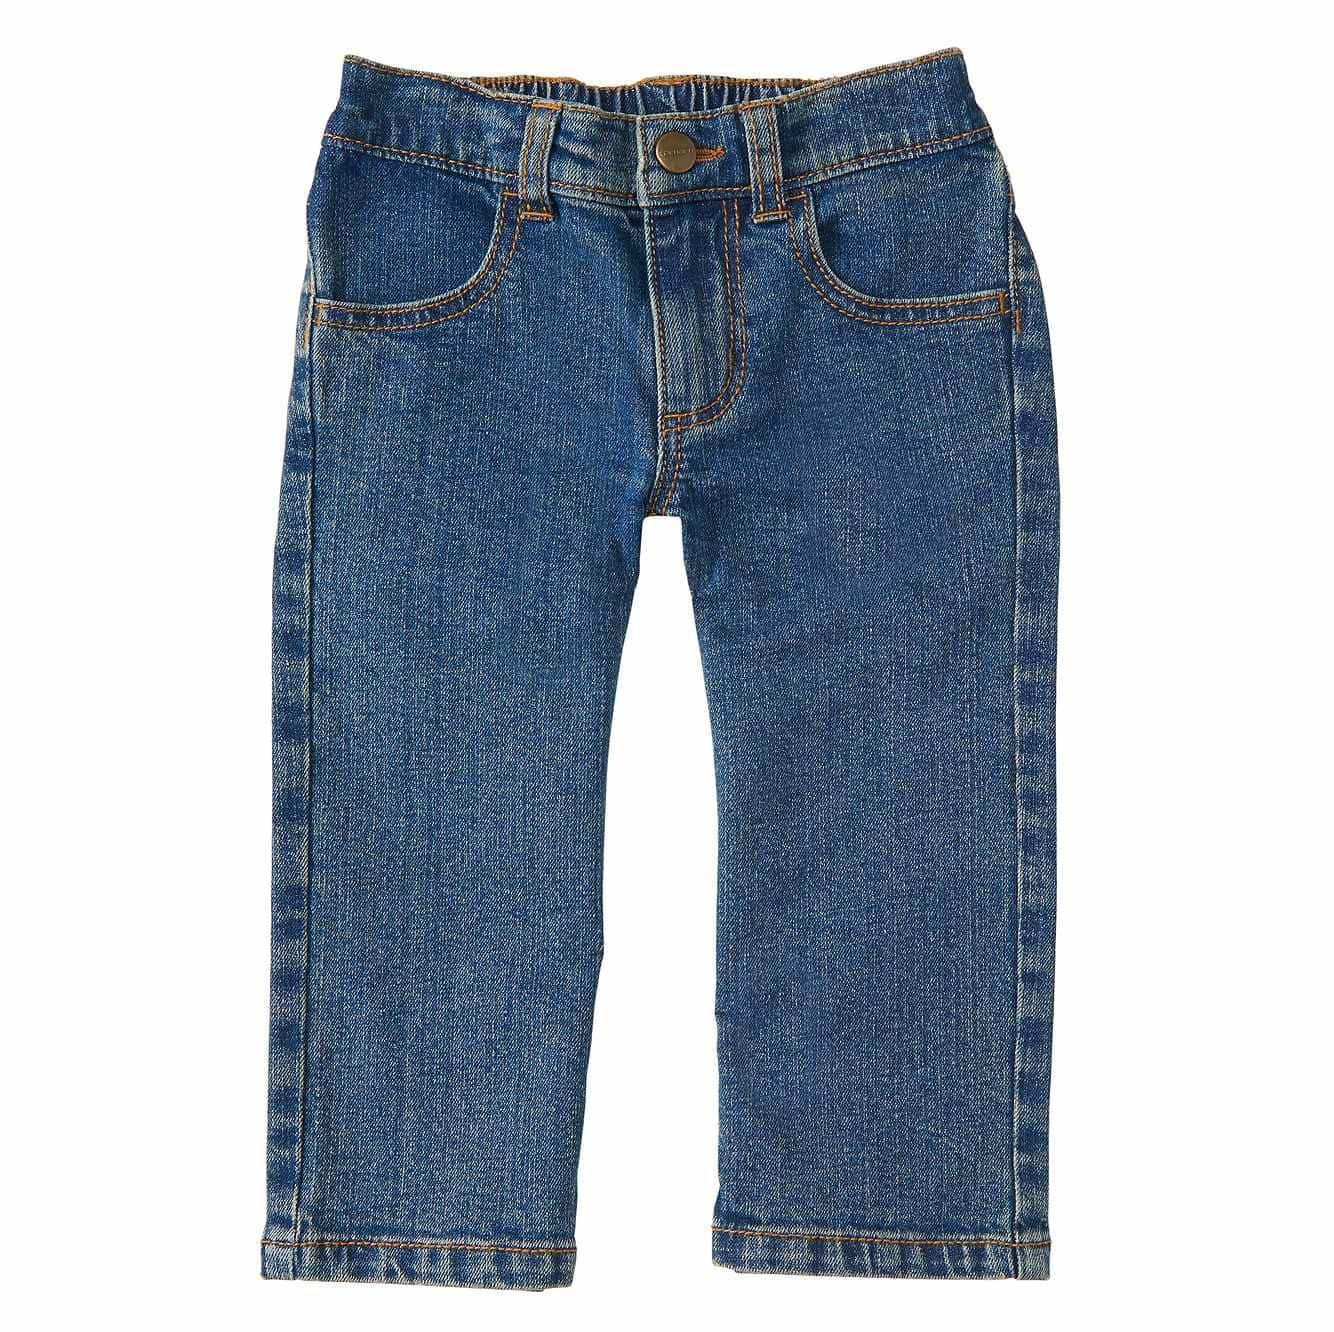 Picture of Denim Pant in Medium Wash